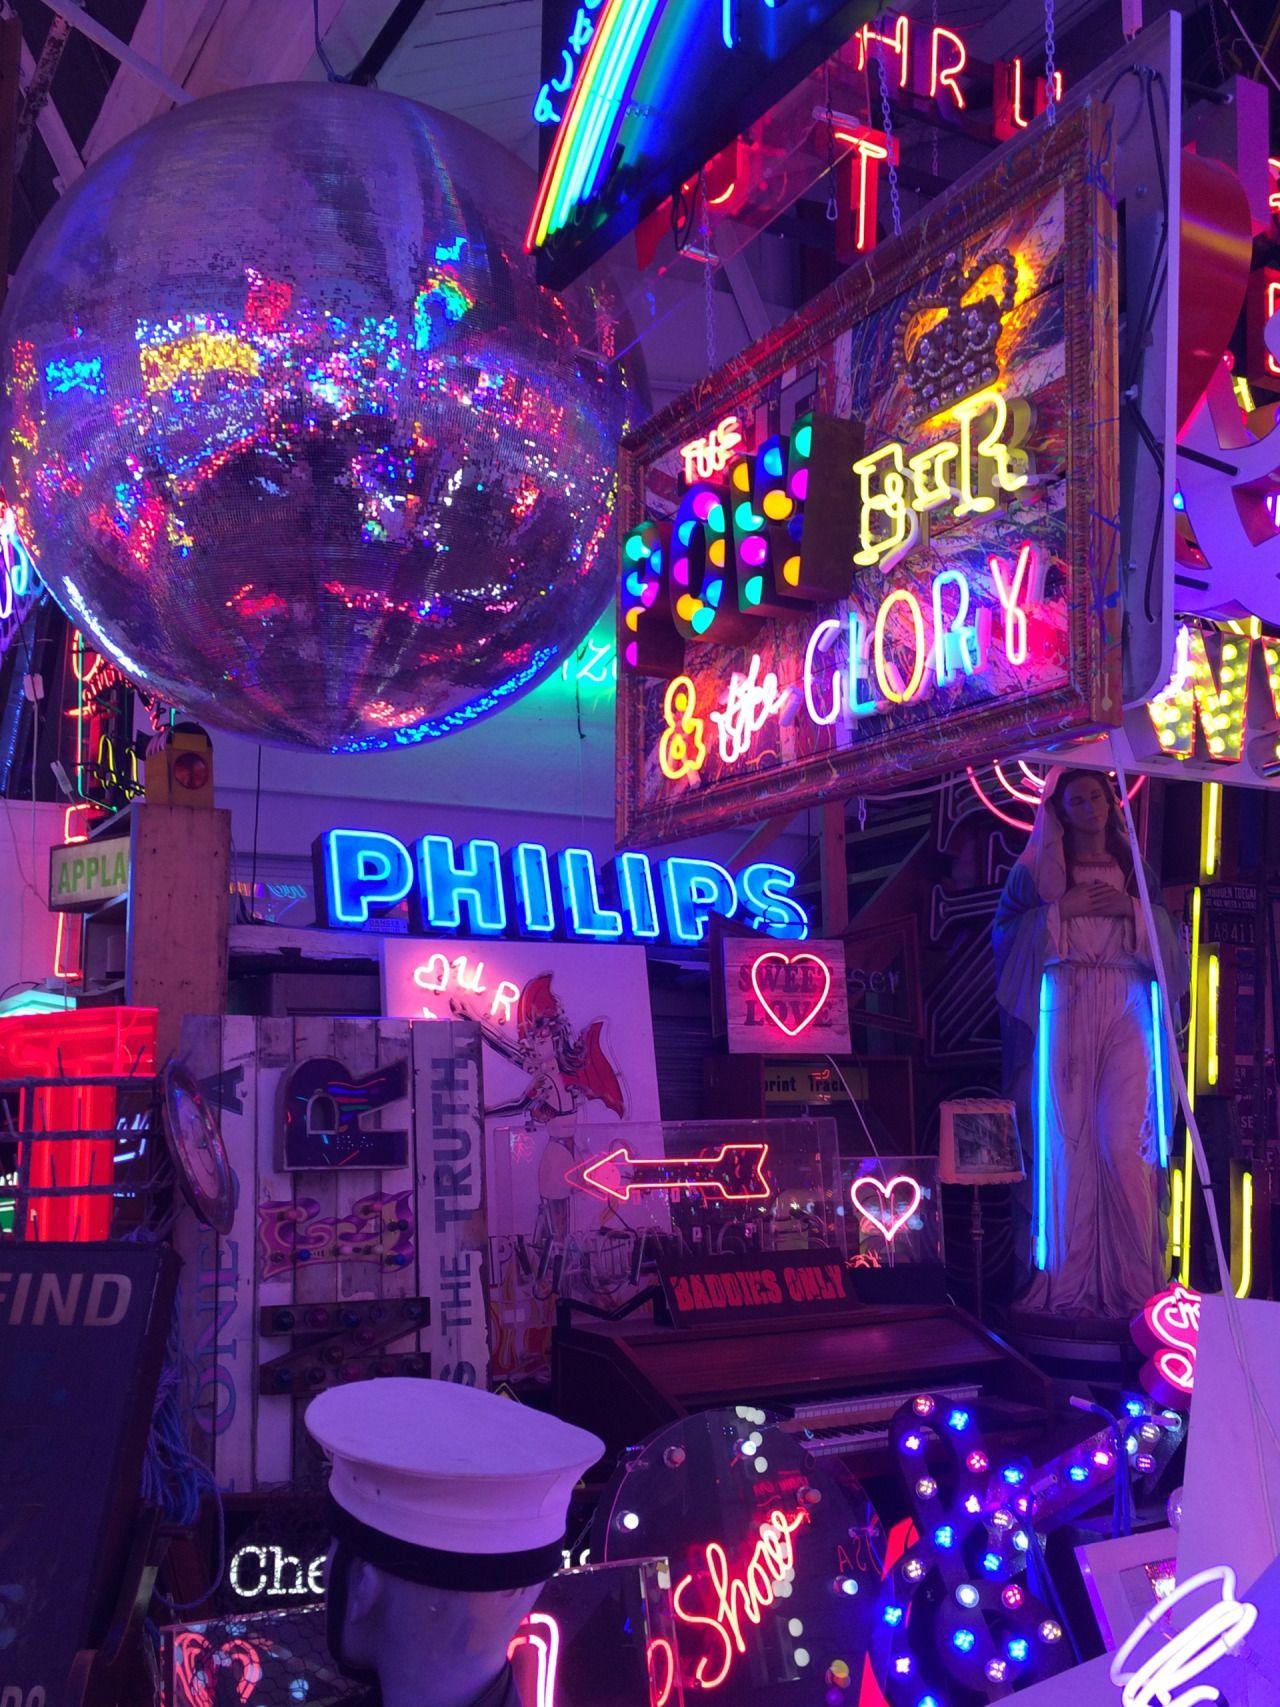 Irlmagicalgirl Neon Aesthetic Neon Lighting Neon Light academia aesthetic fashion men. neon aesthetic neon lighting